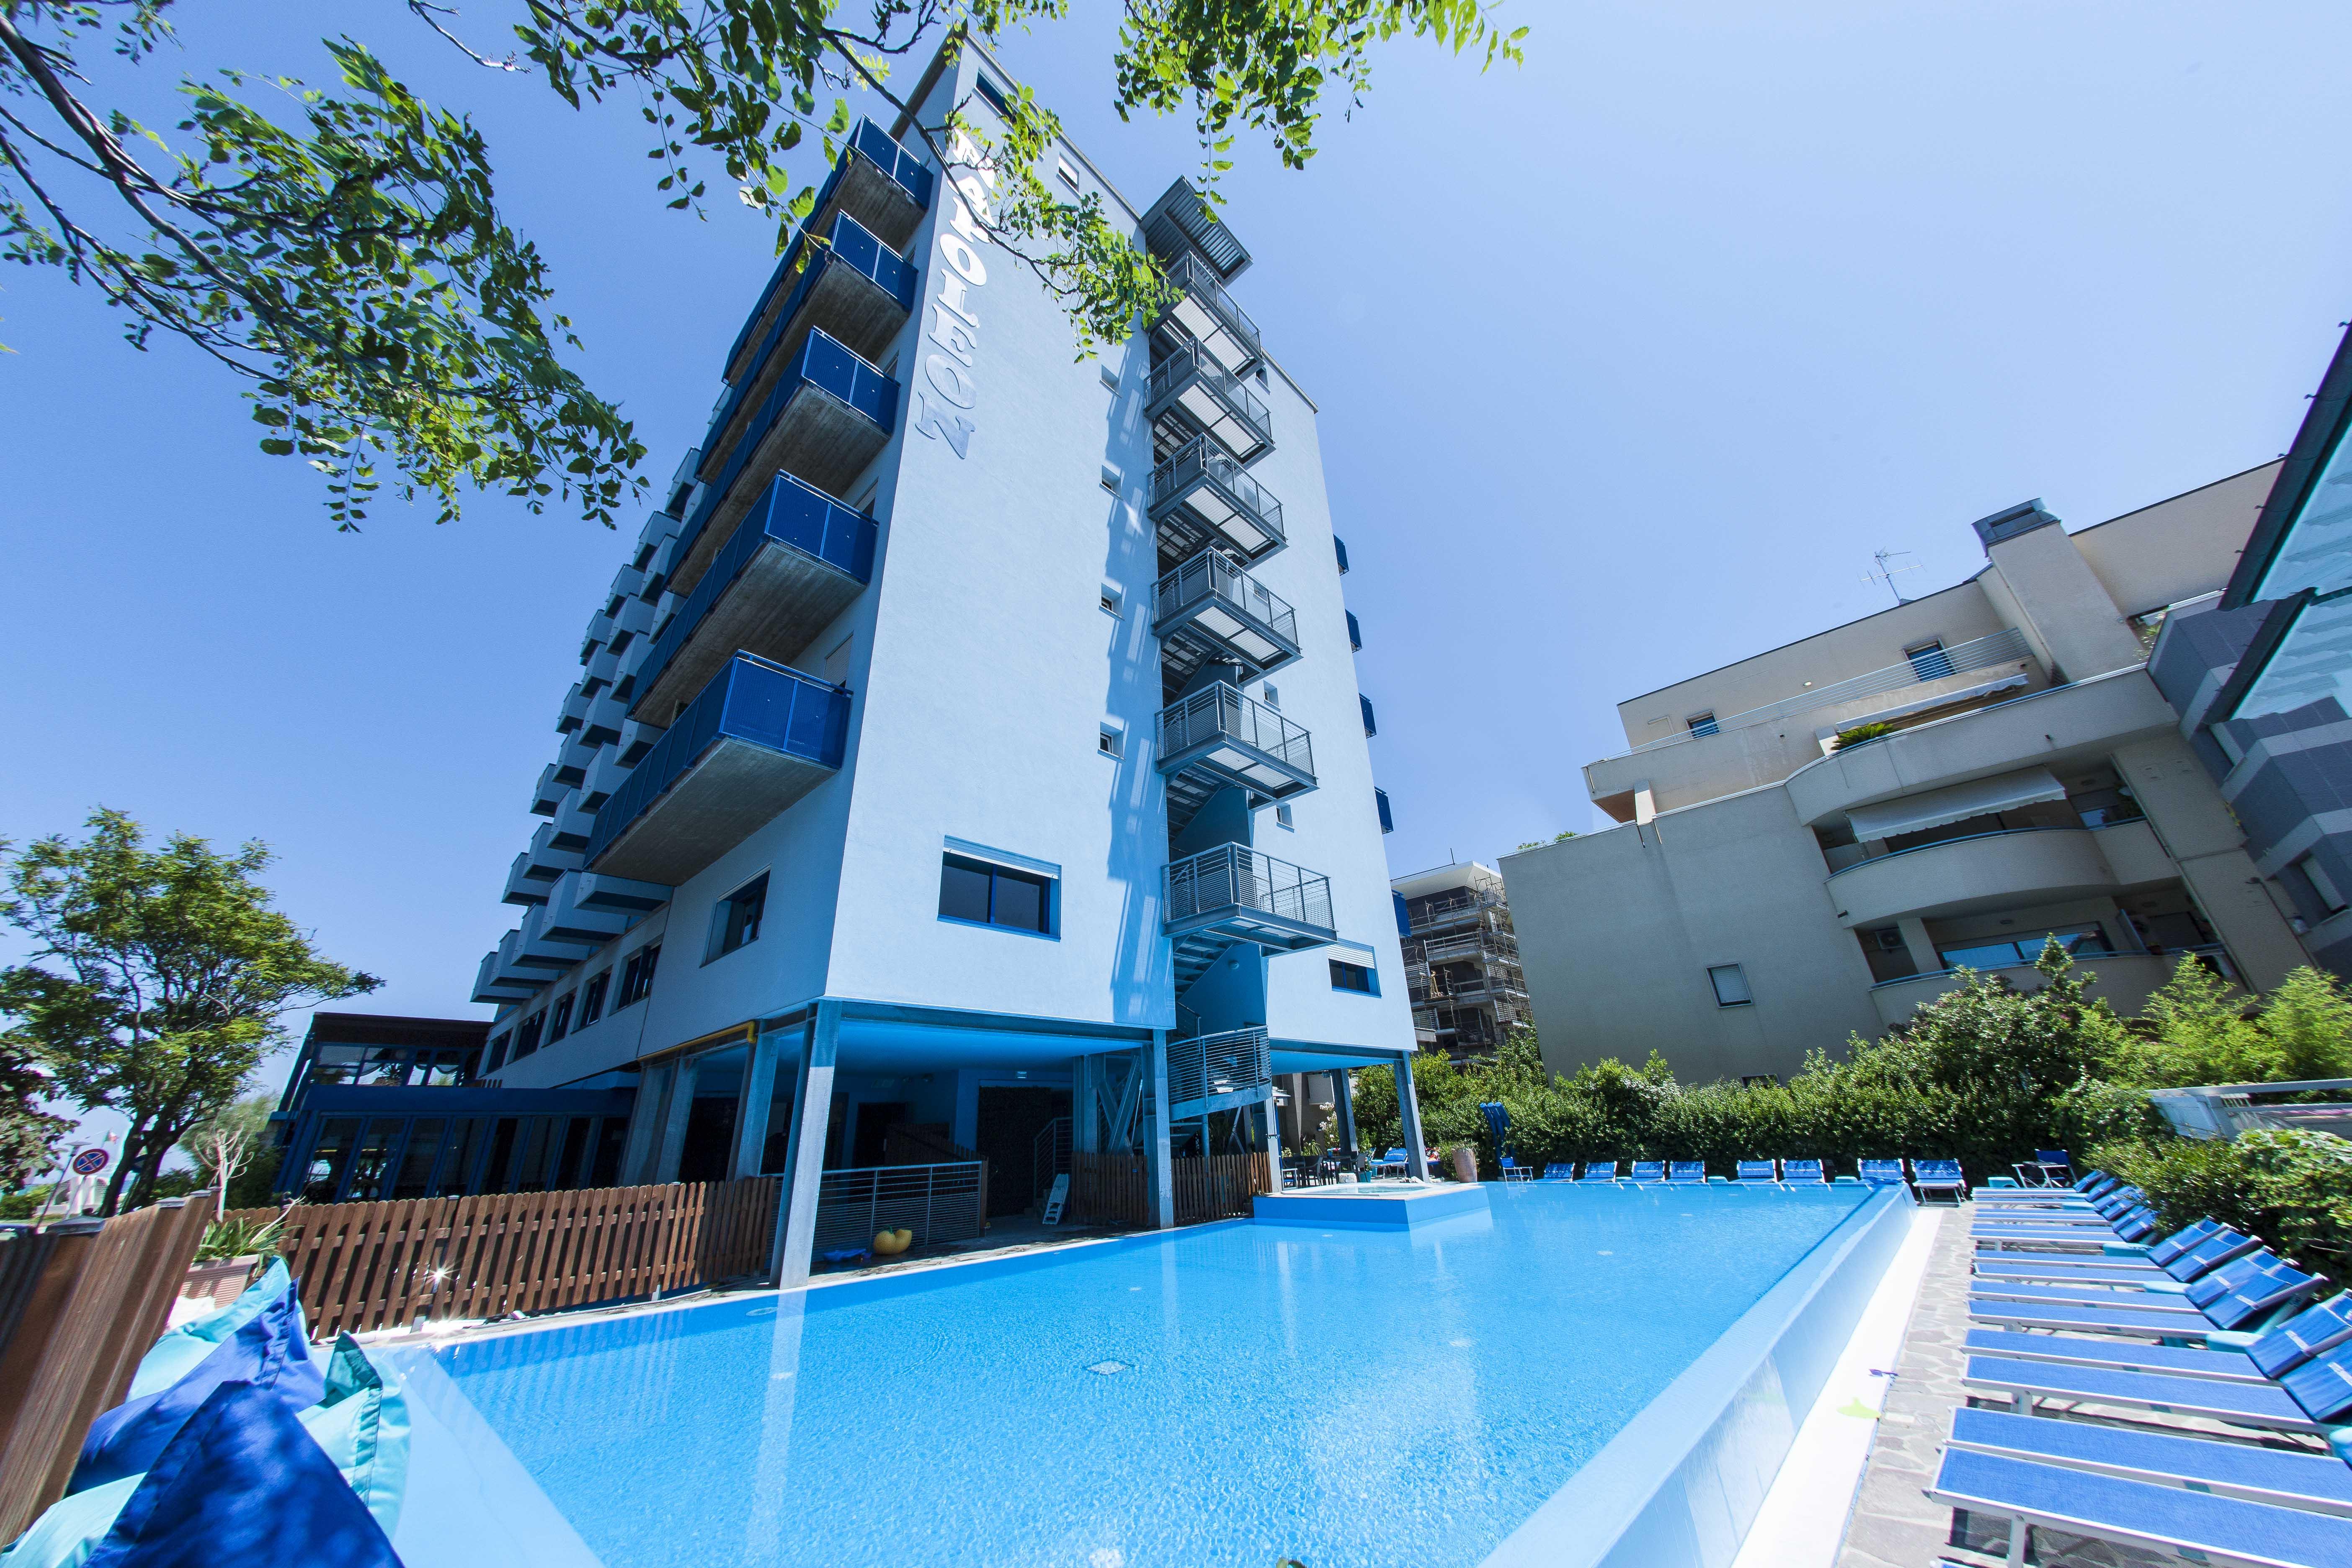 Hotel napoleon di pesaro 4 stelle con piscina - Hotel cervia 4 stelle con piscina ...